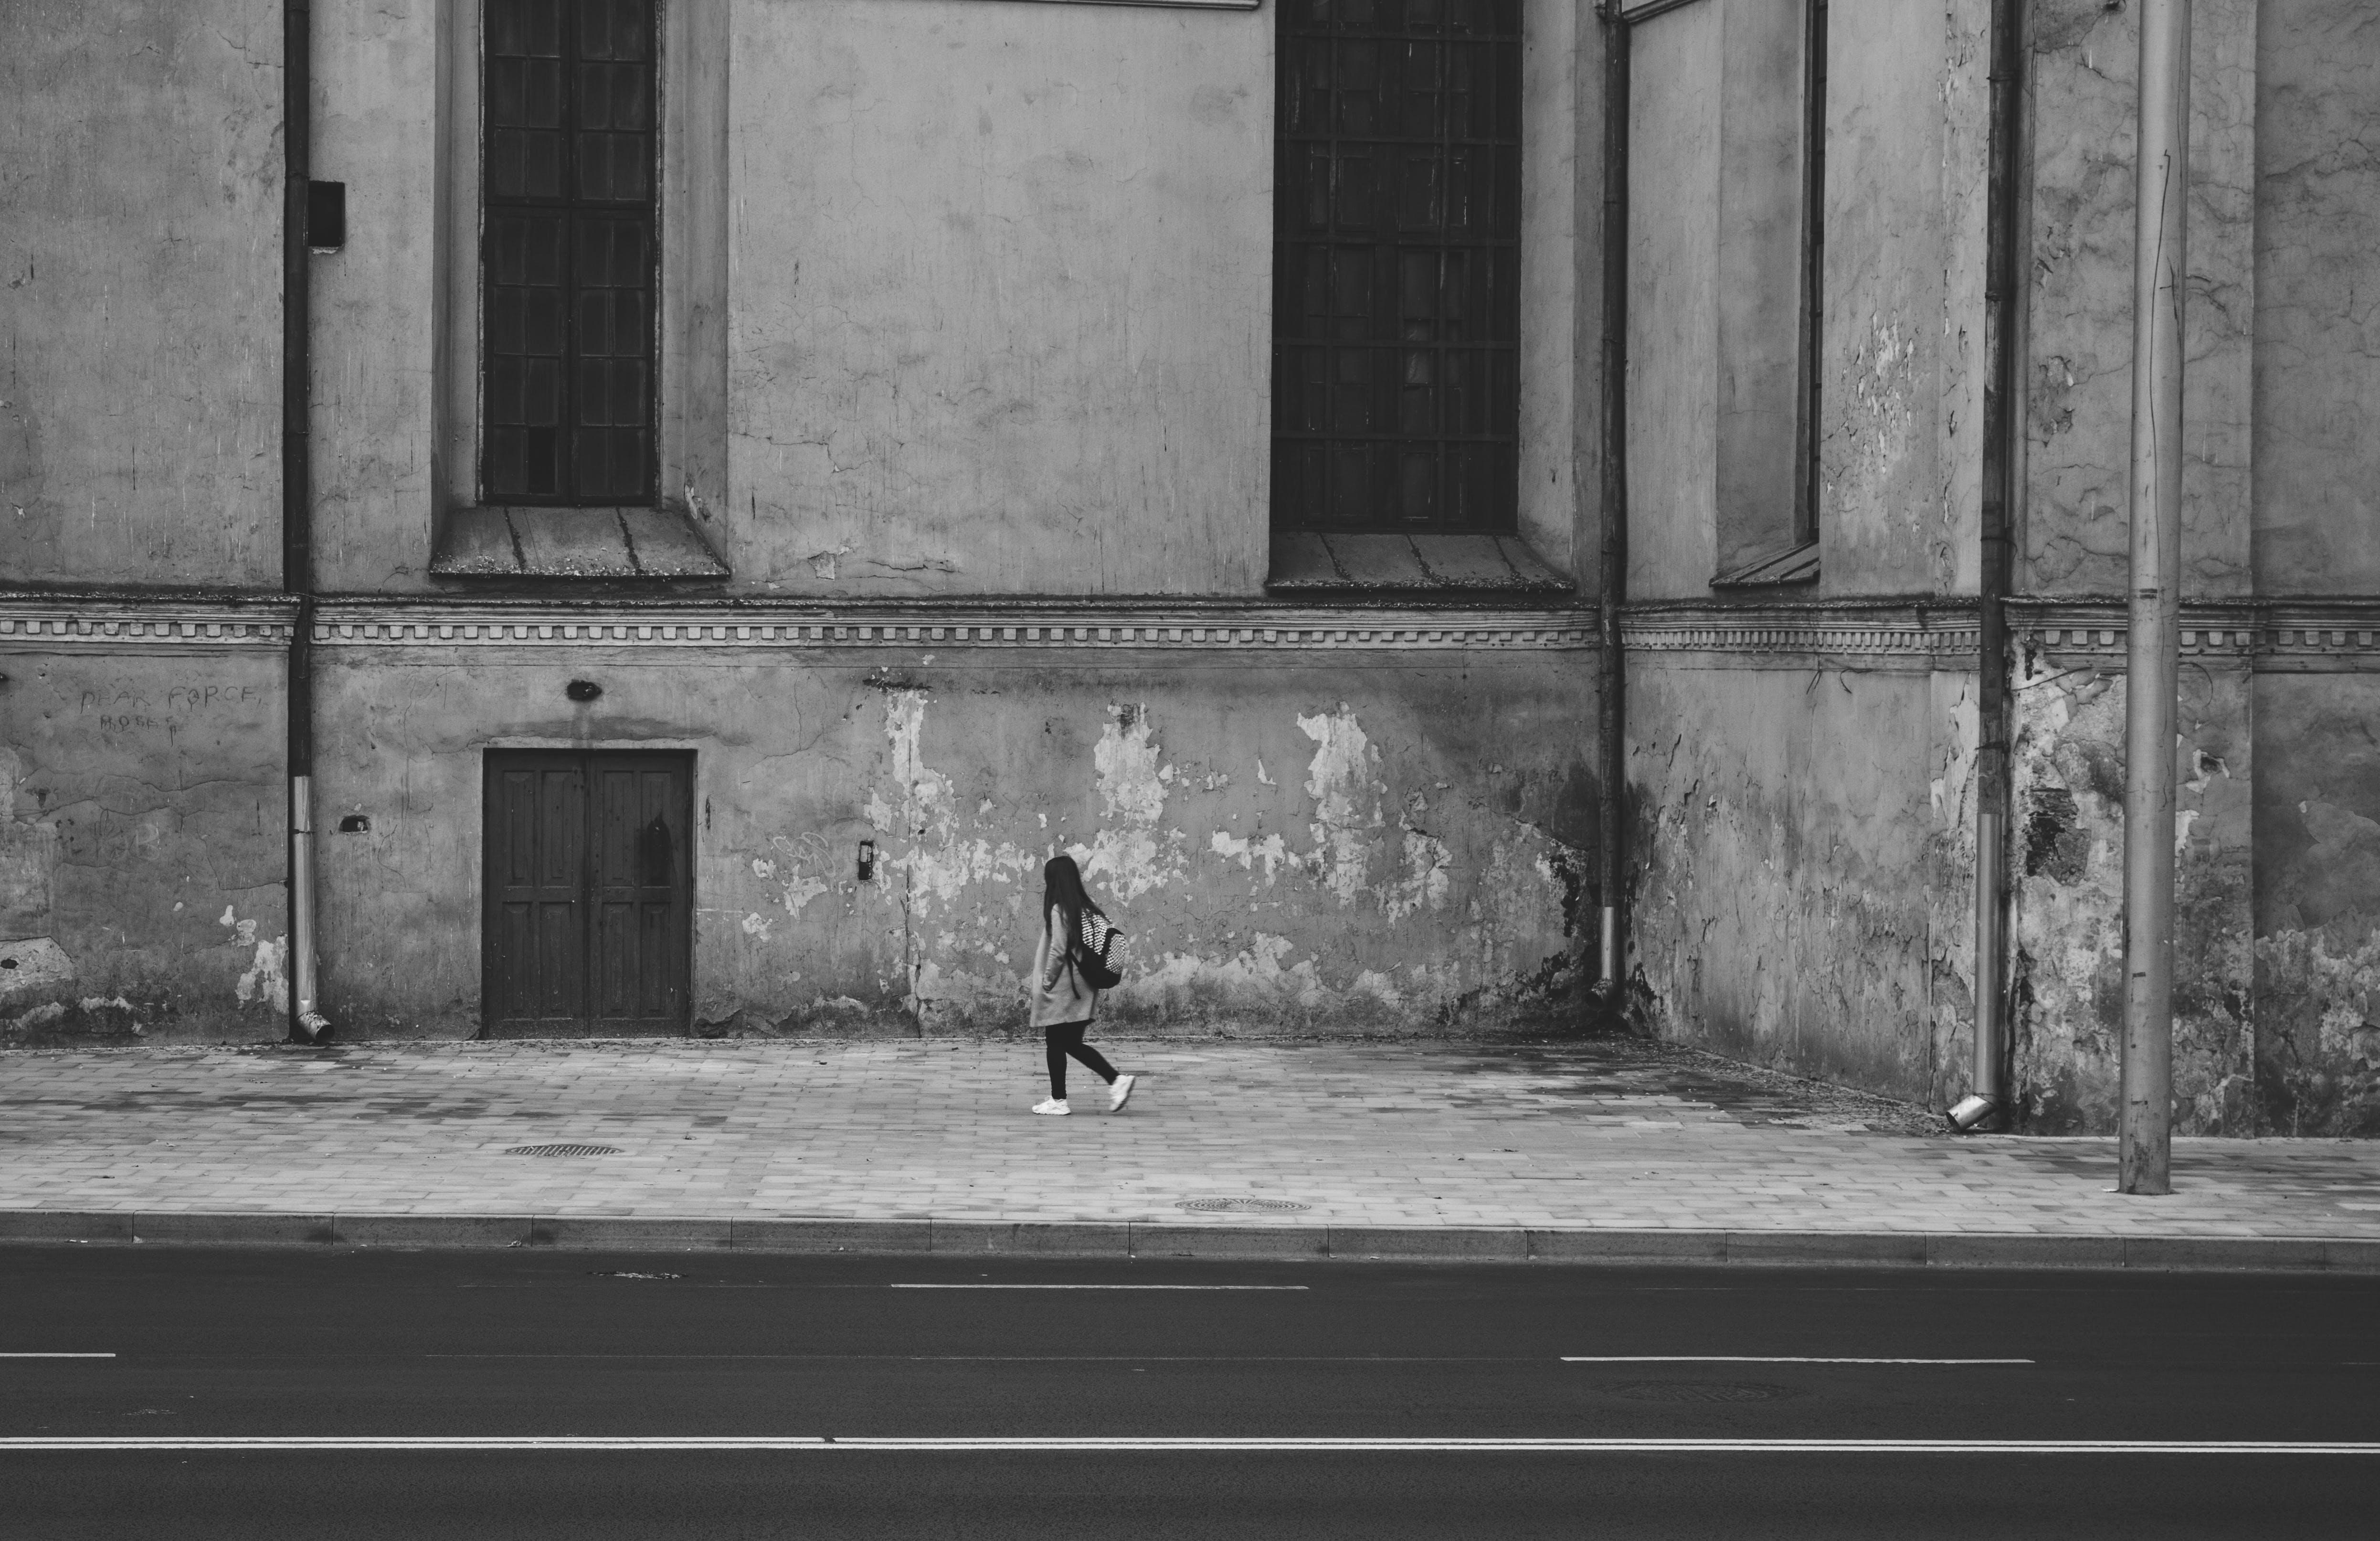 Kostenloses Stock Foto zu allein, architektur, bürgersteig, erwachsener